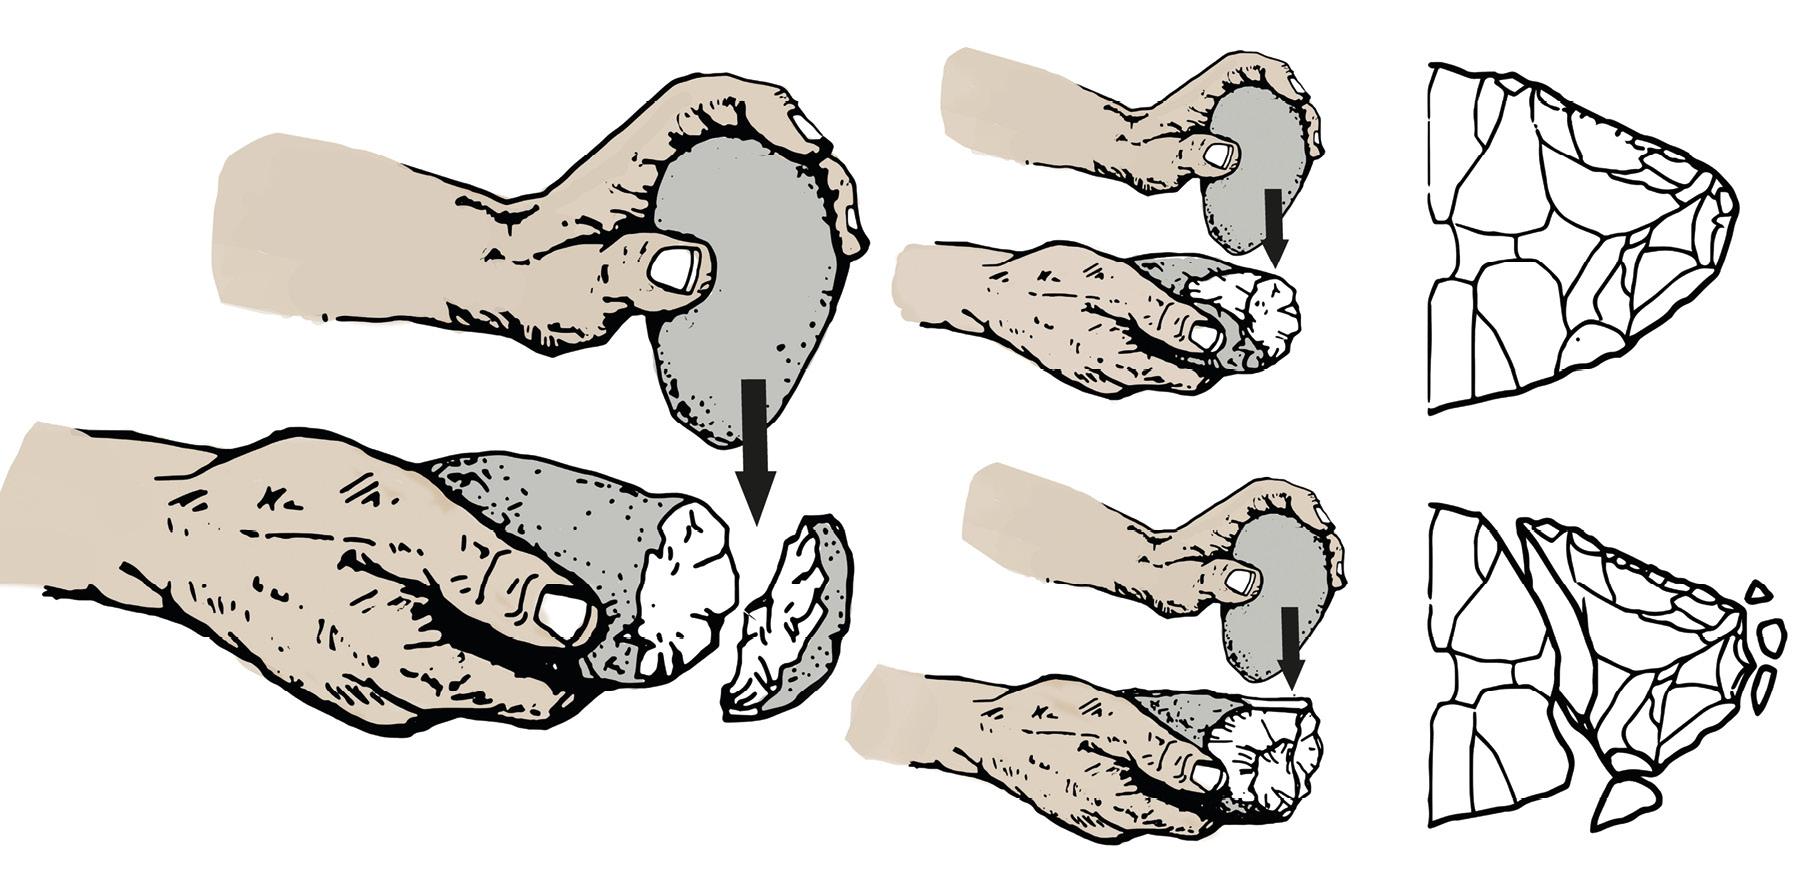 Štiepanie – technika výroby kamenných nástrojov.